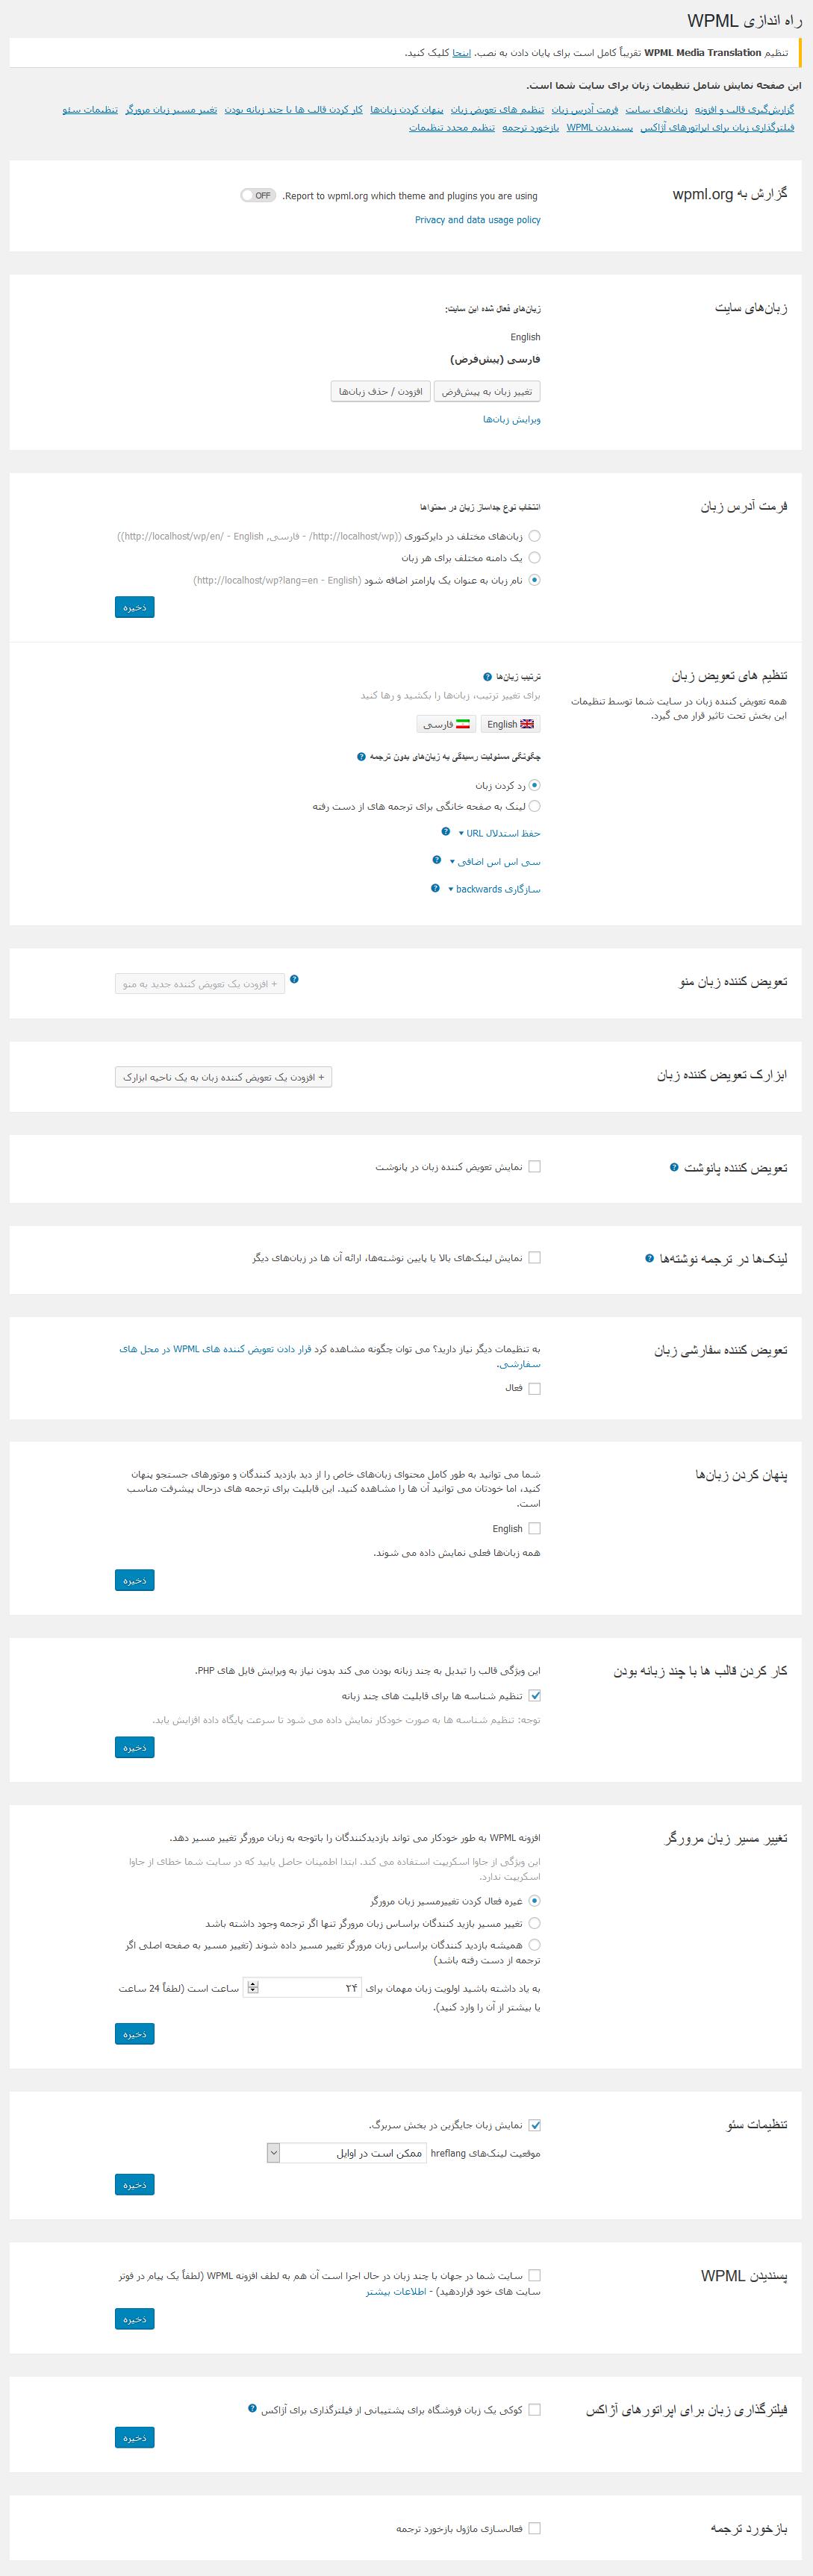 افزونه WPML Multilingual CMS